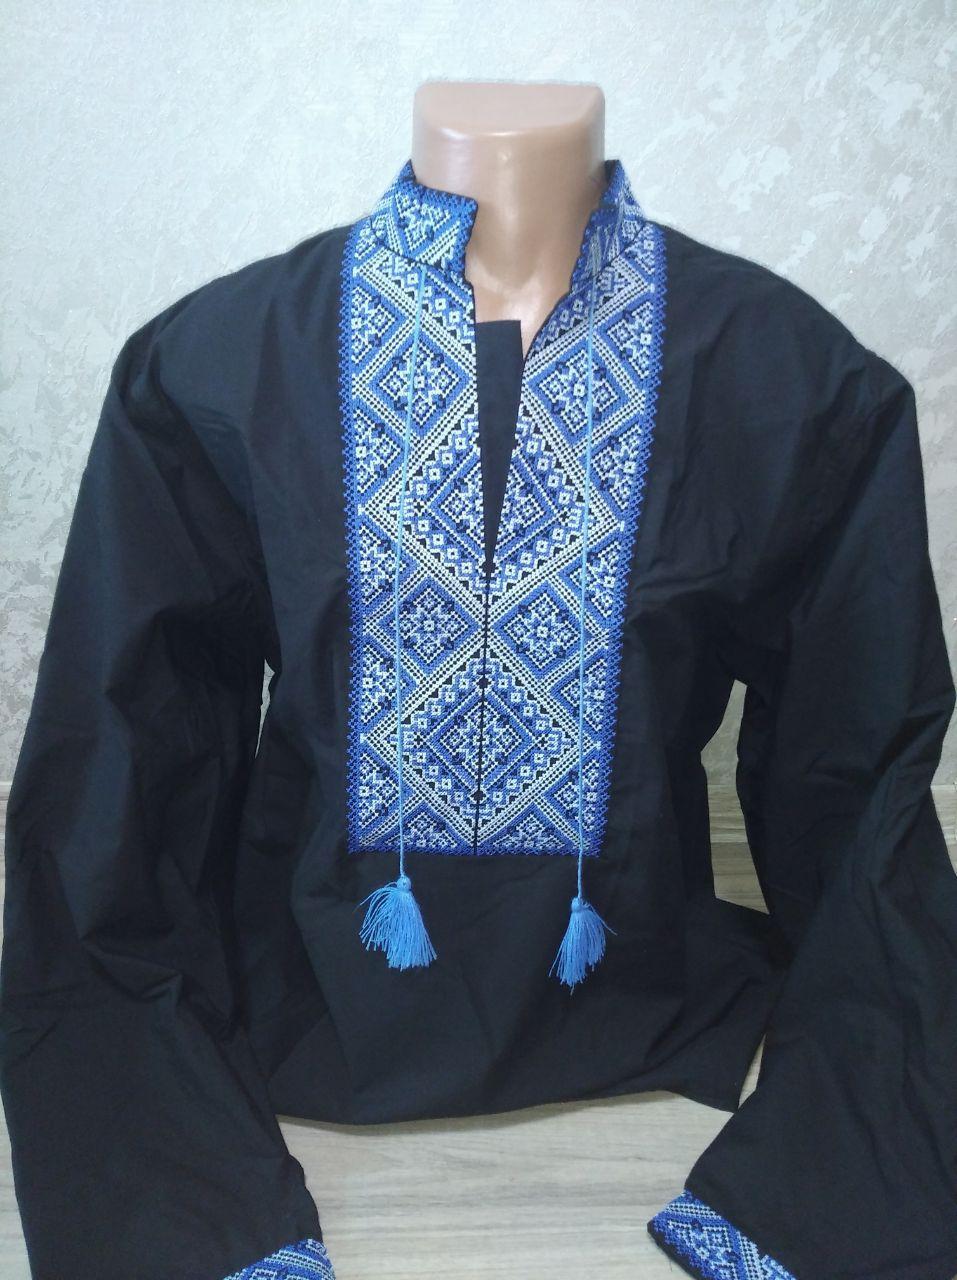 Мужская вышиванка черная с синей вышивкой - XXL (56)